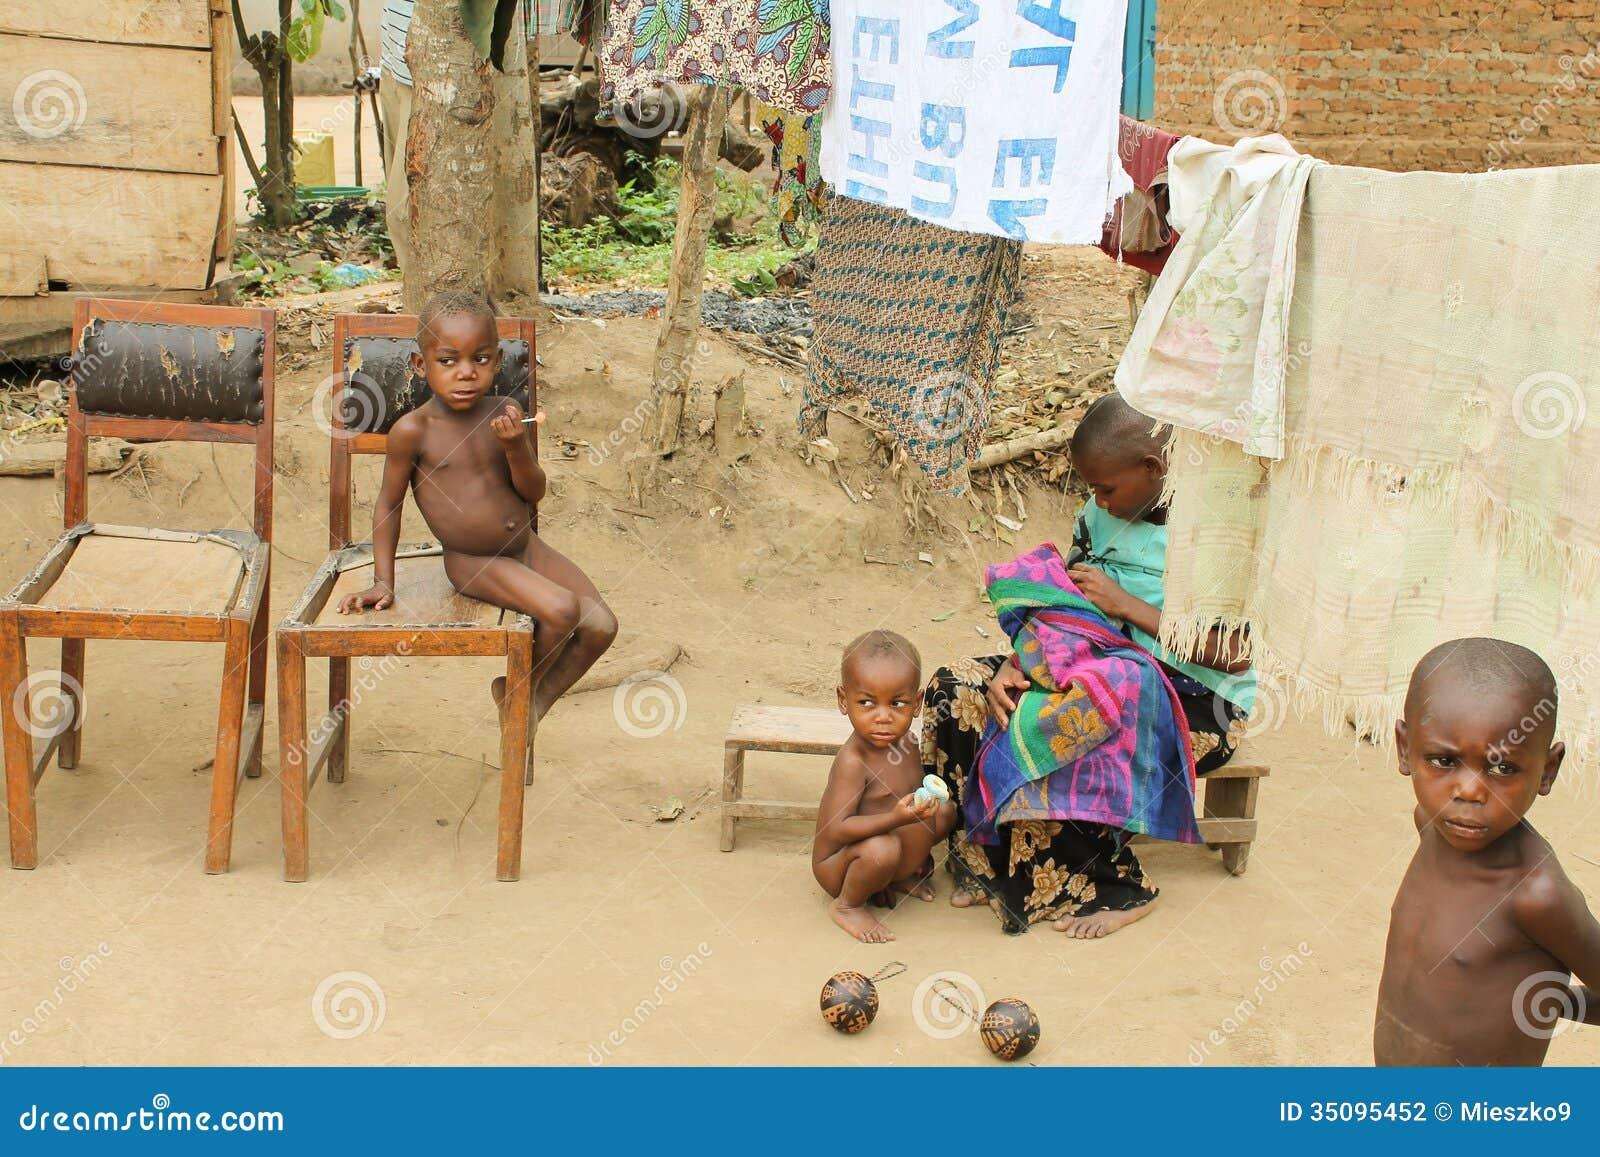 Uganda Pygmies High Resolution Stock Photography and